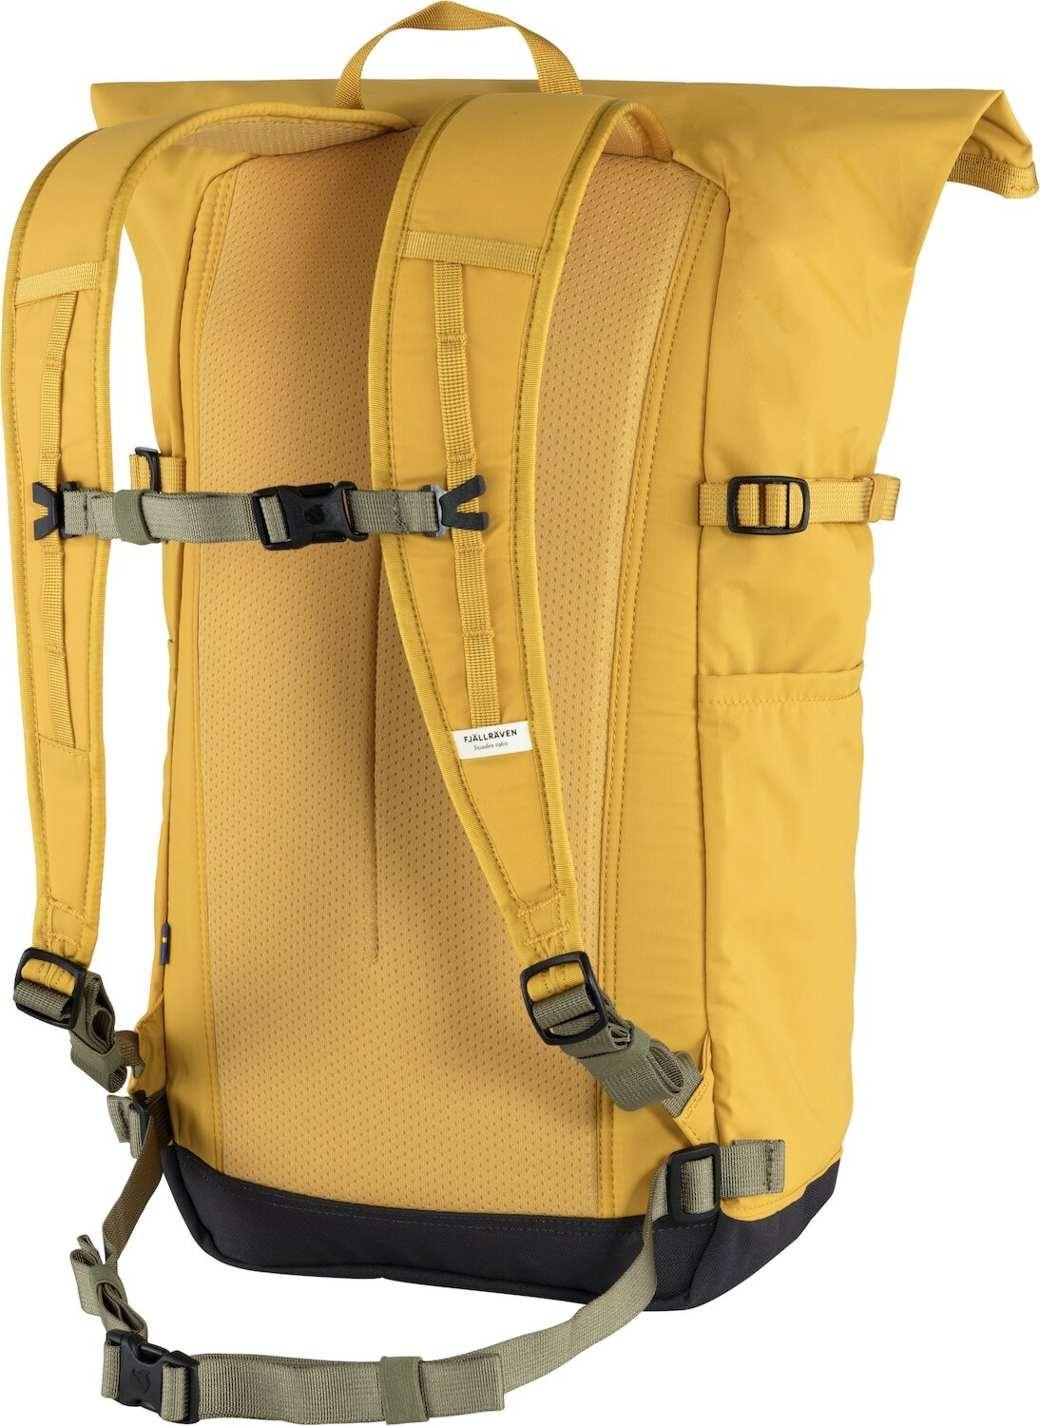 Fjällräven High Coast Foldsack 24 Ochre-2